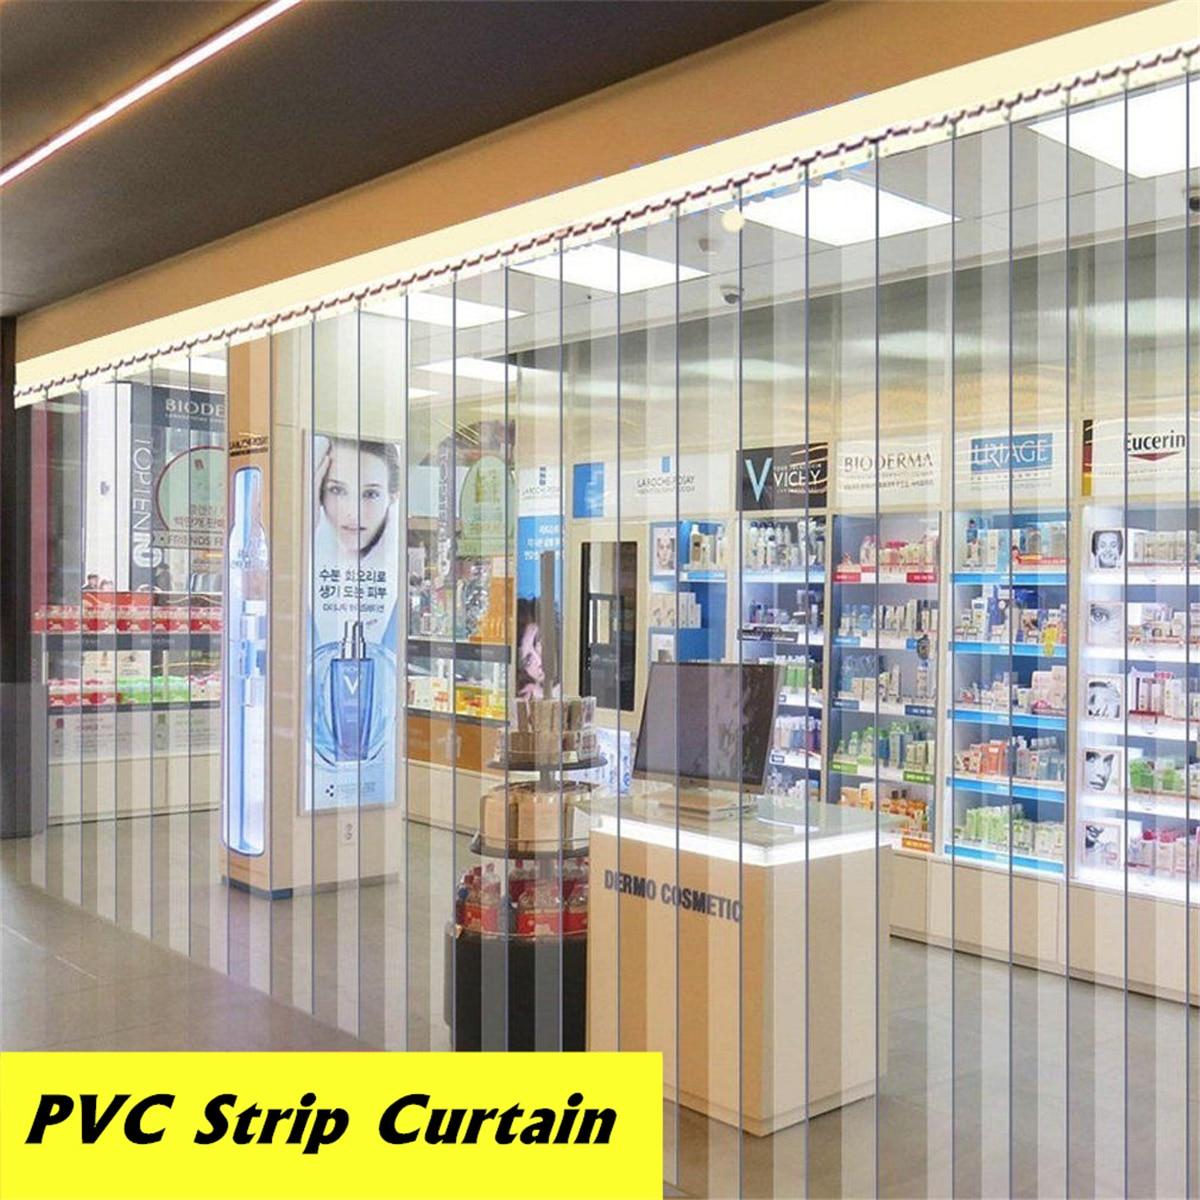 Cortina de tira de plástico pvc transparente 200*18*0.1cm kit tira da porta da sala do congelador pendurado cortinas trilho calor frio resistir à prova vento